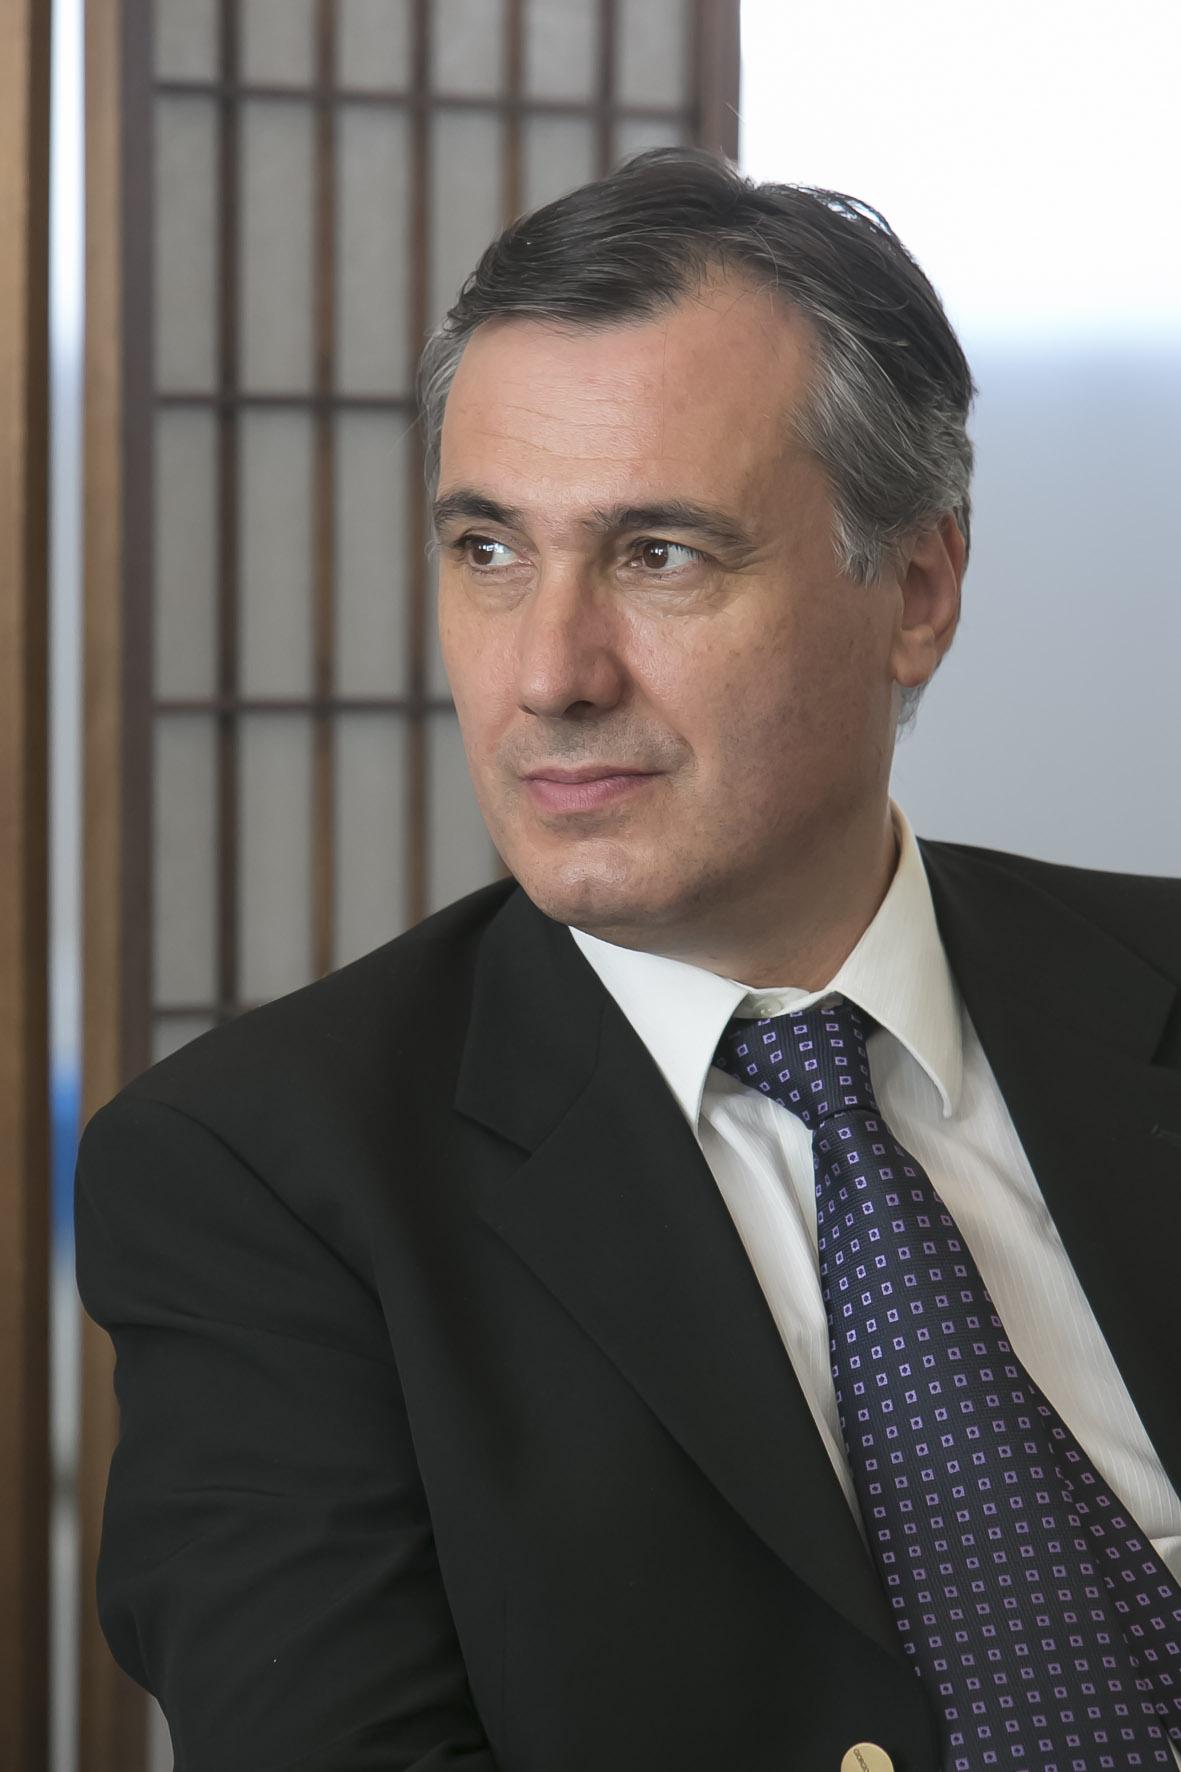 Andrea Mulinacci